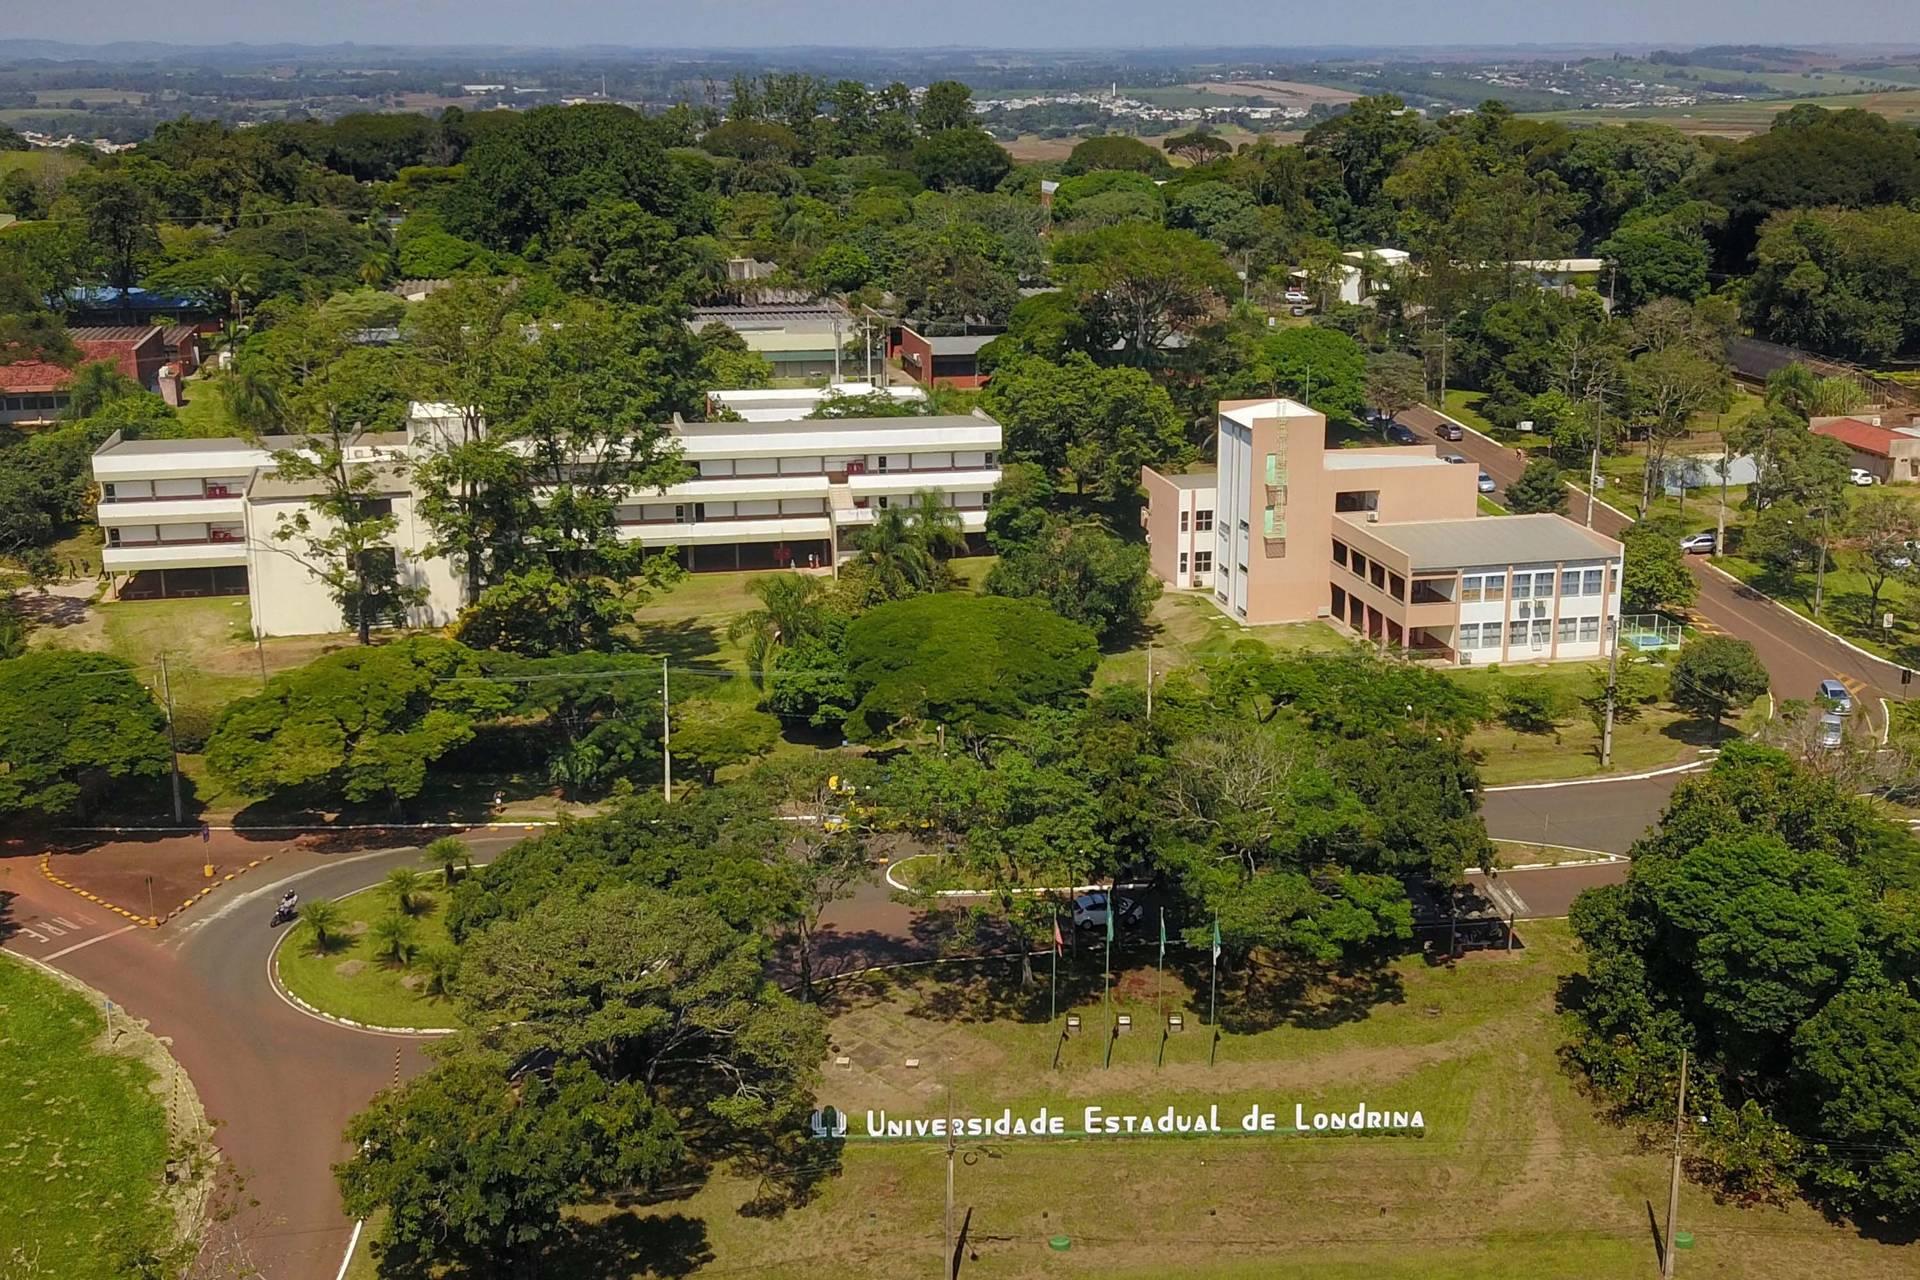 A UEL, UEM, UEPG, Unioeste e Unicentro estão entre as melhores universidades da América Latina e do Brasil, segundo ranking da consultoria britânica QS World Universitty Rankings.